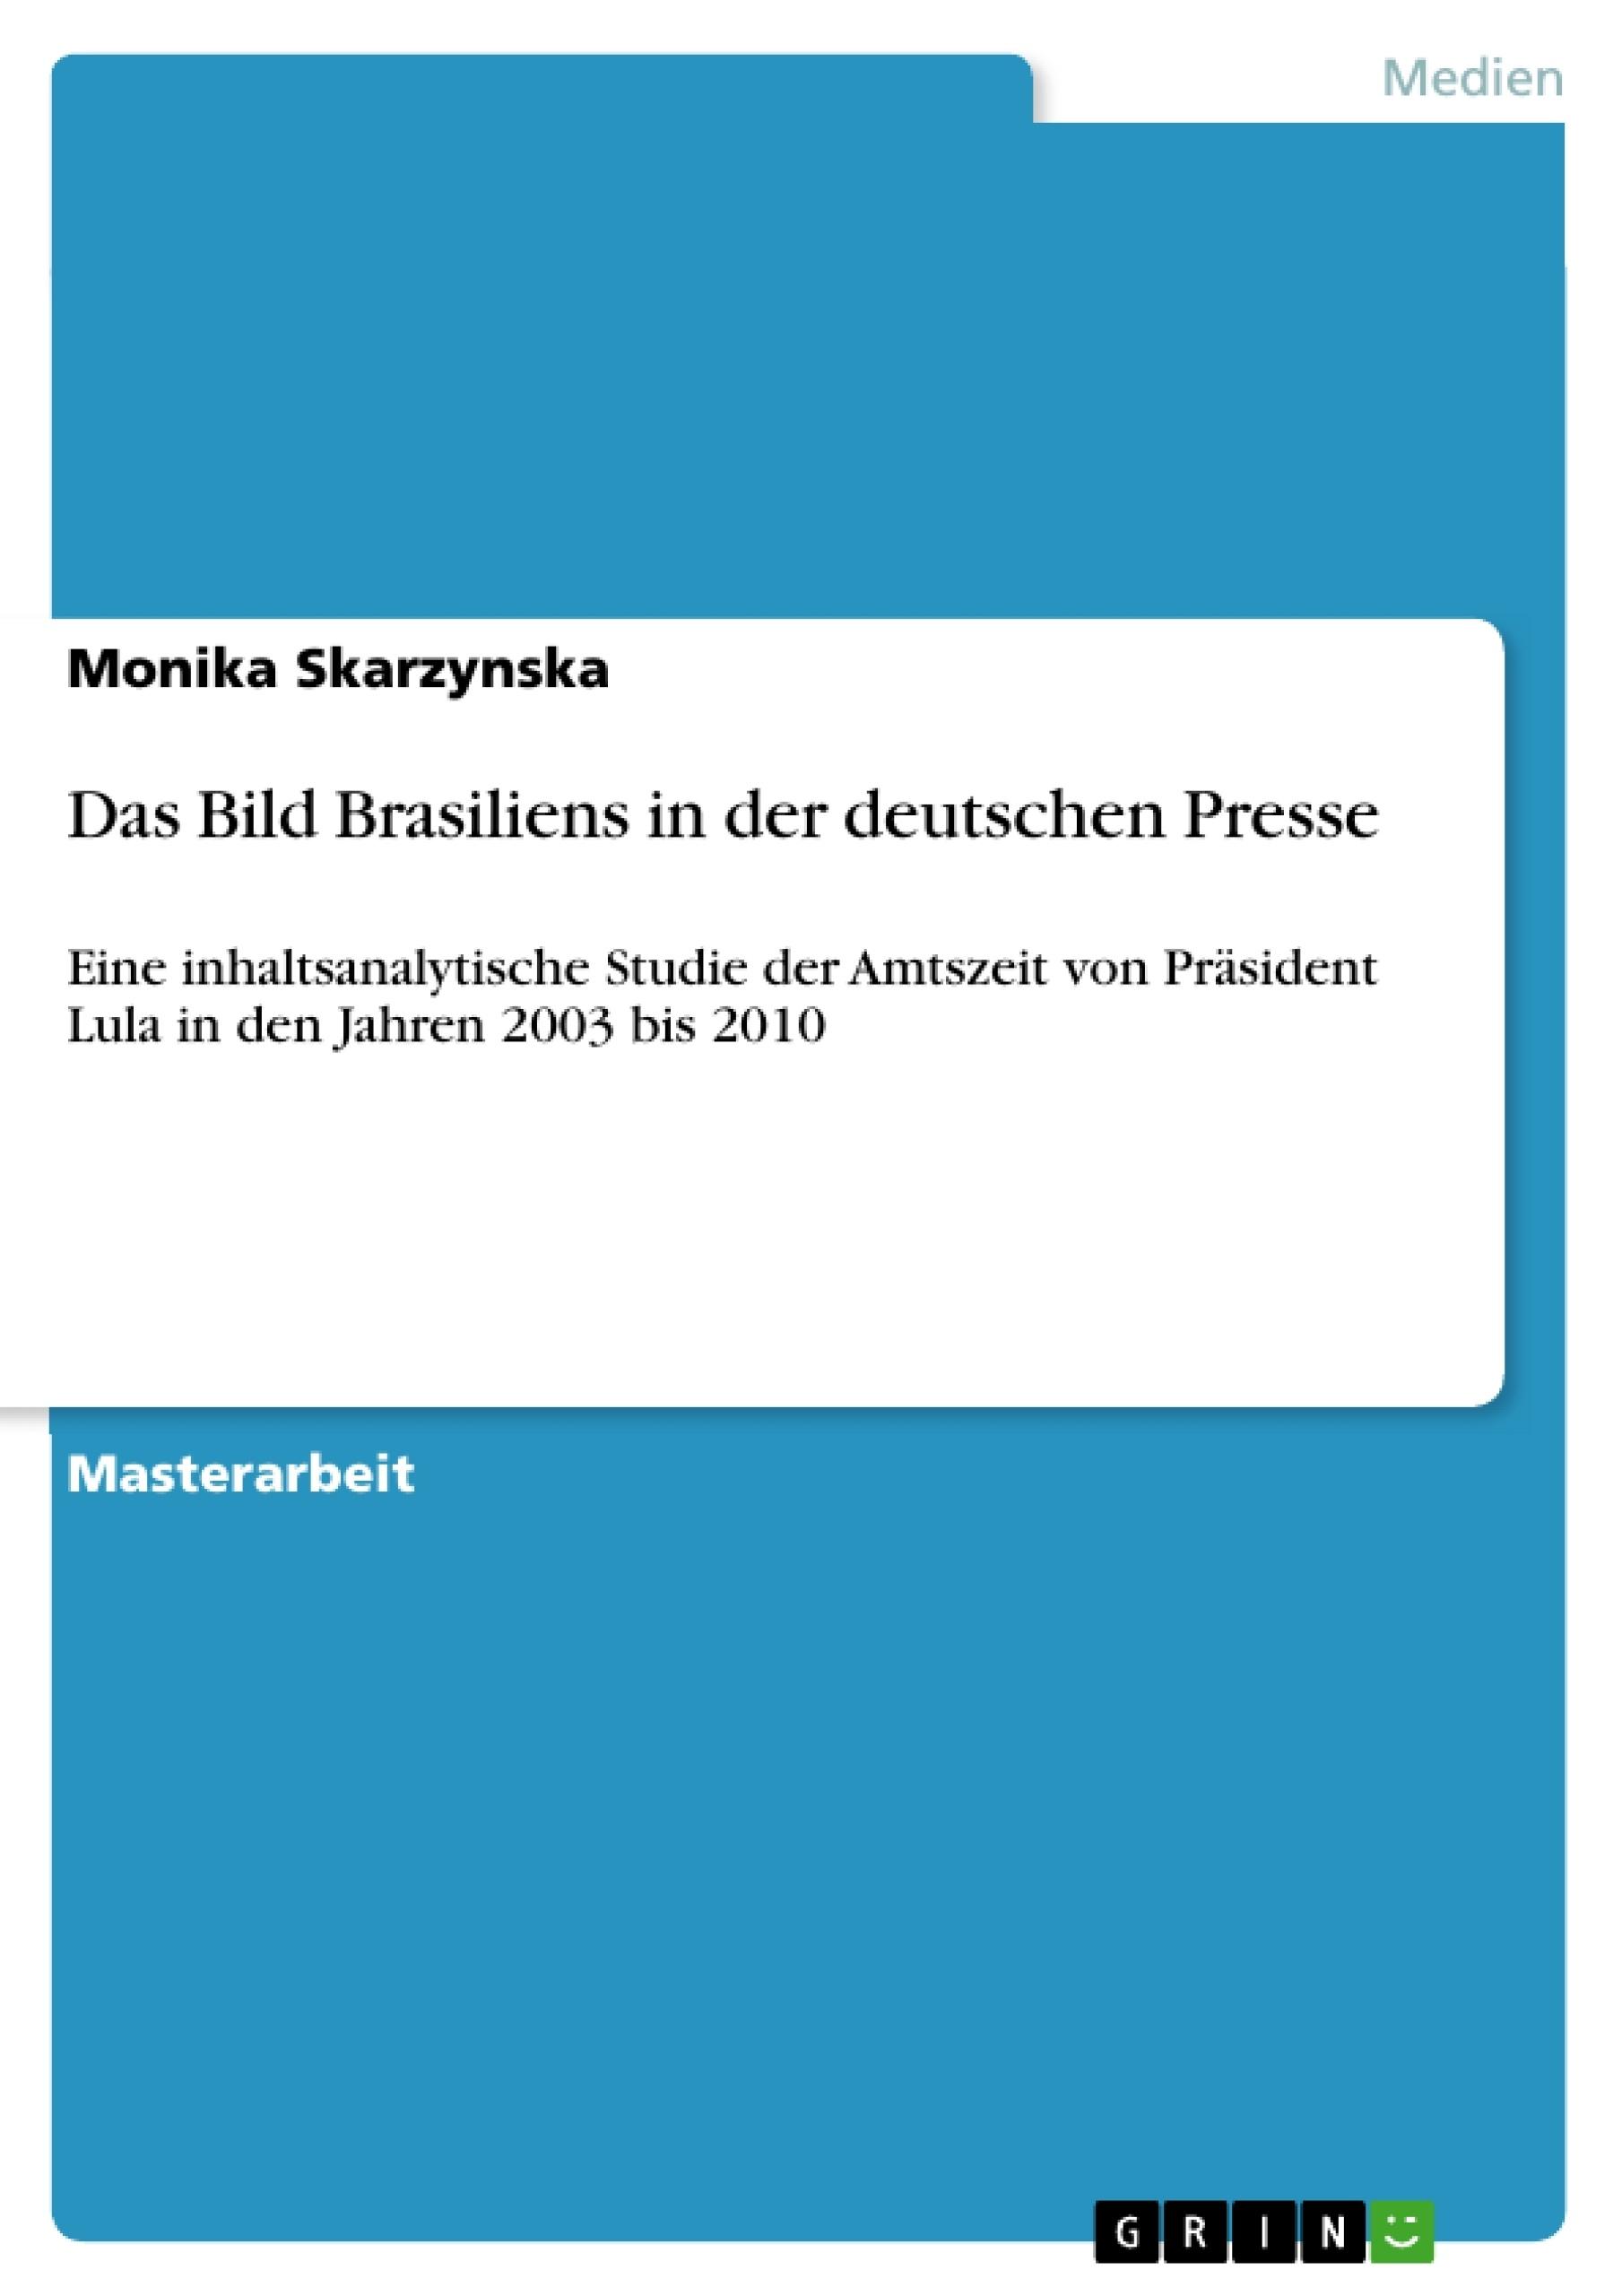 Titel: Das Bild Brasiliens in der deutschen Presse